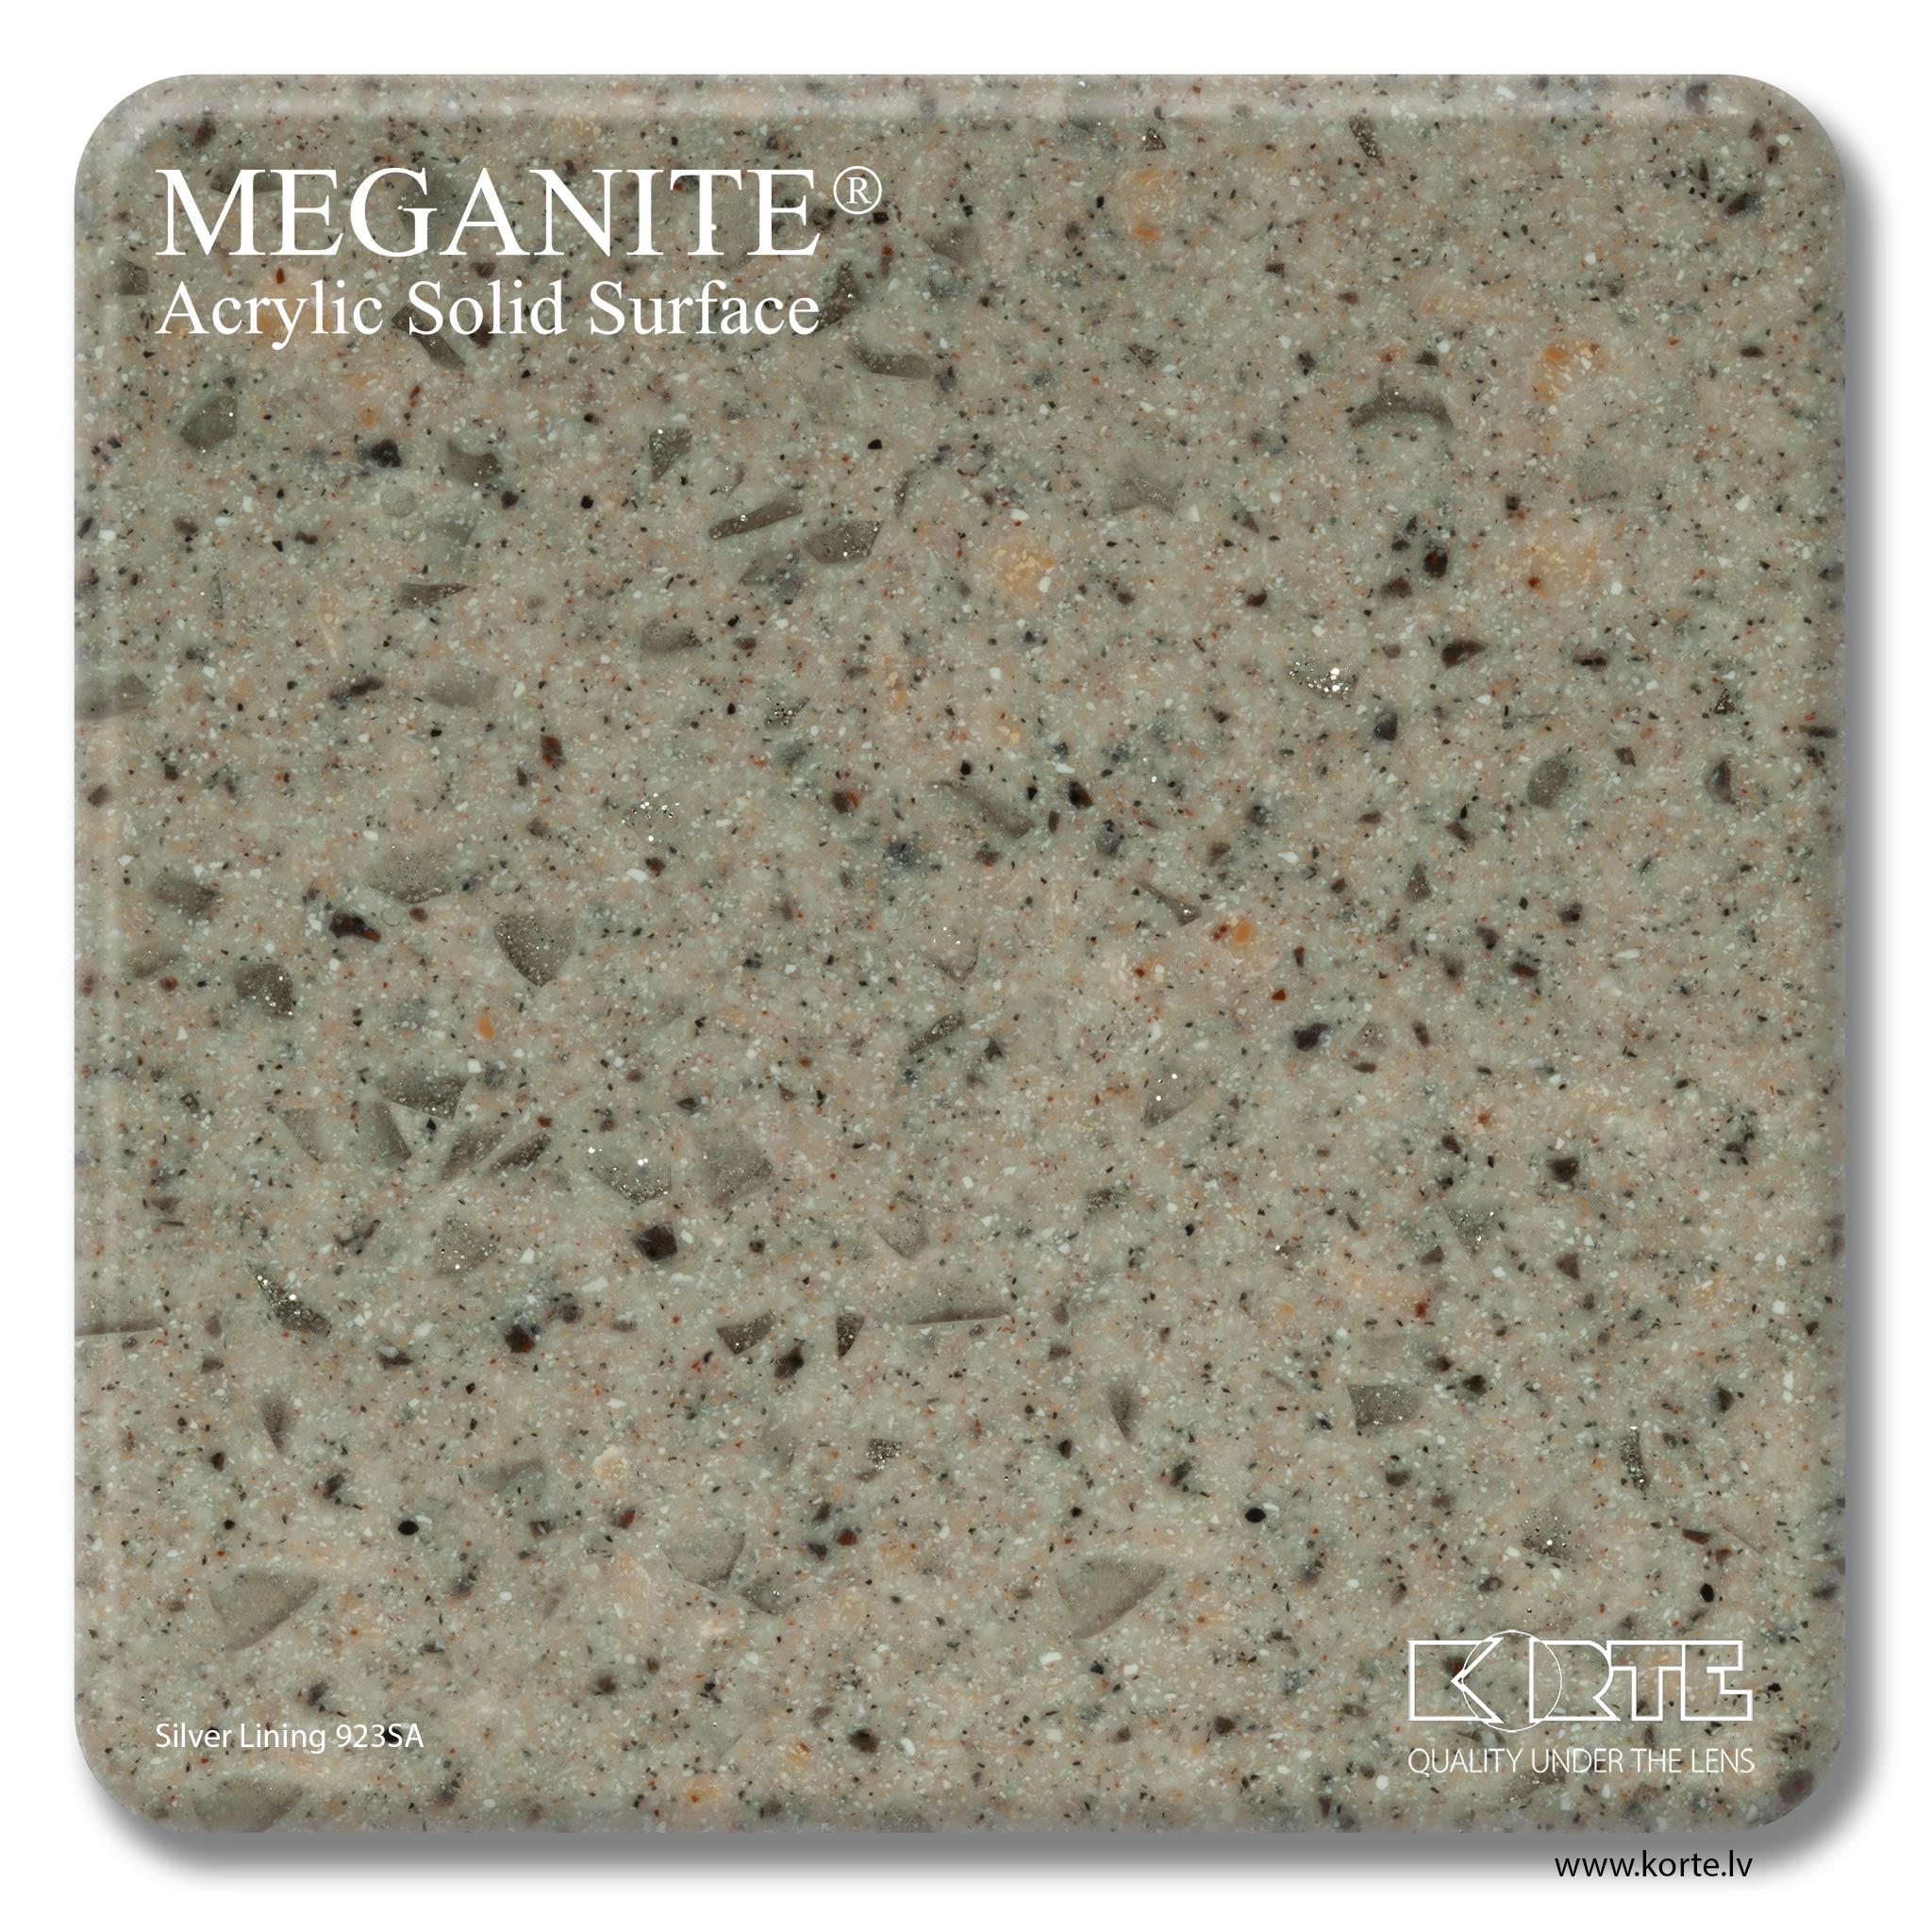 Meganite Silver Lining 923SA